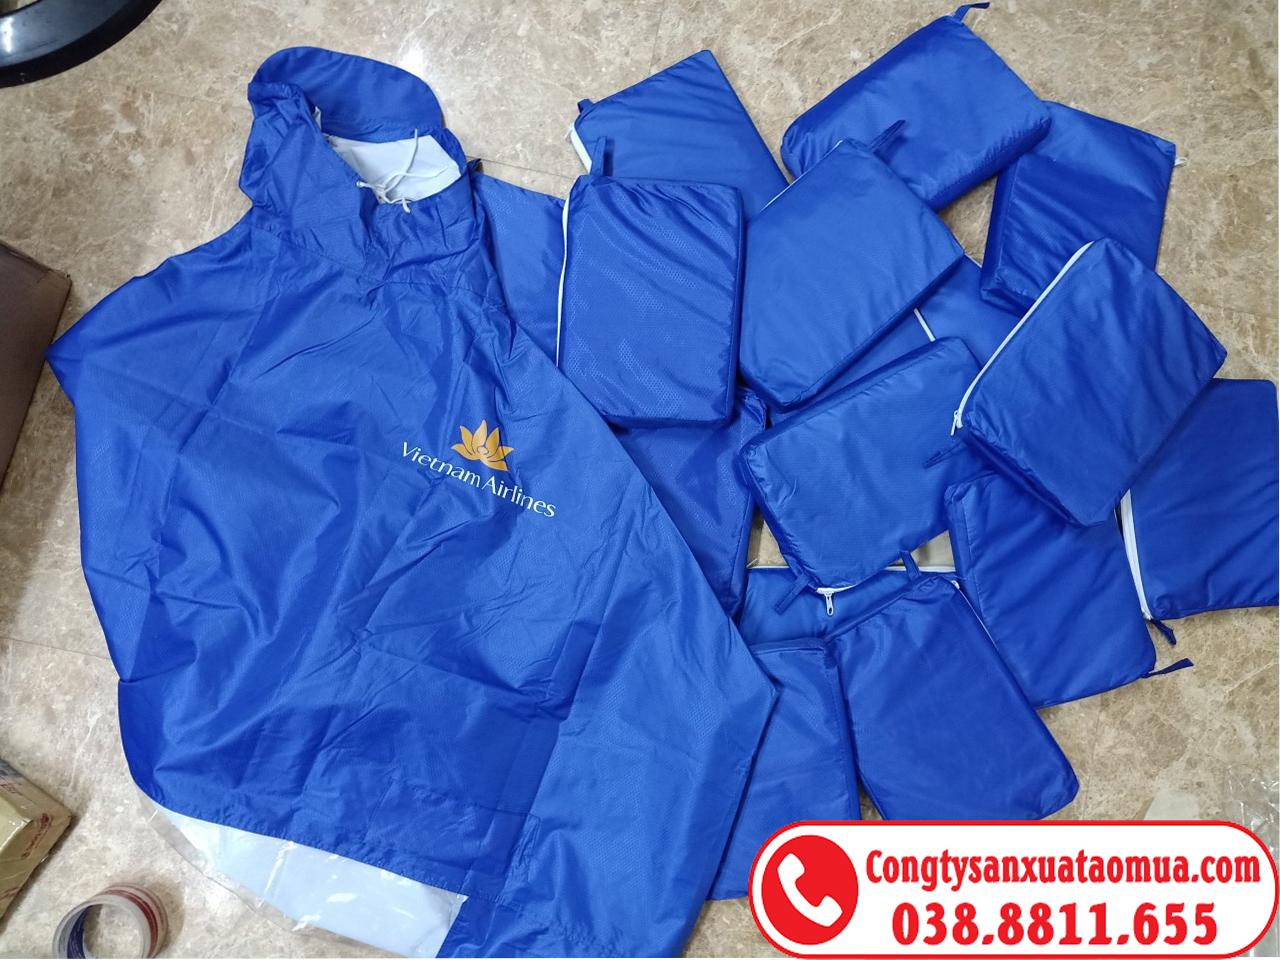 Sản xuất áo mưa quà tặng in logo khách hàng